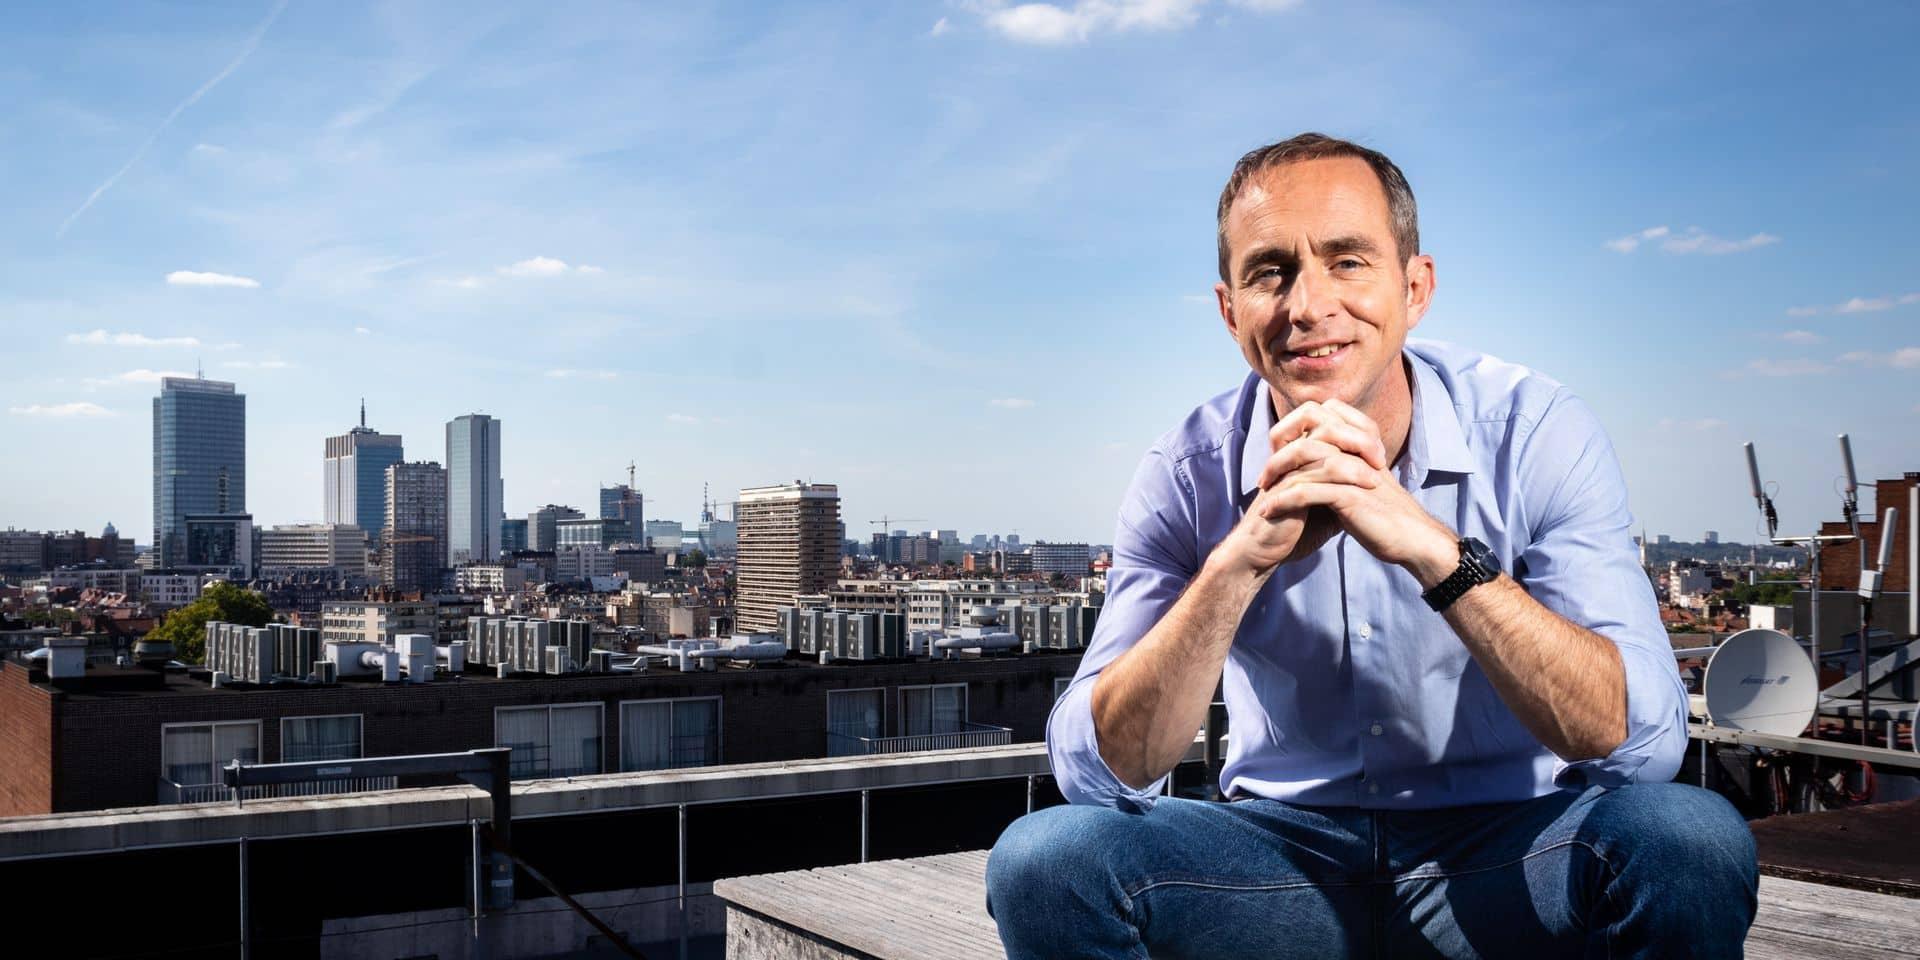 """Valéry Lerouge, correspondant de France Télévisions pour la Belgique: """"J'ai été surpris par la guéguerre linguistique belge"""""""